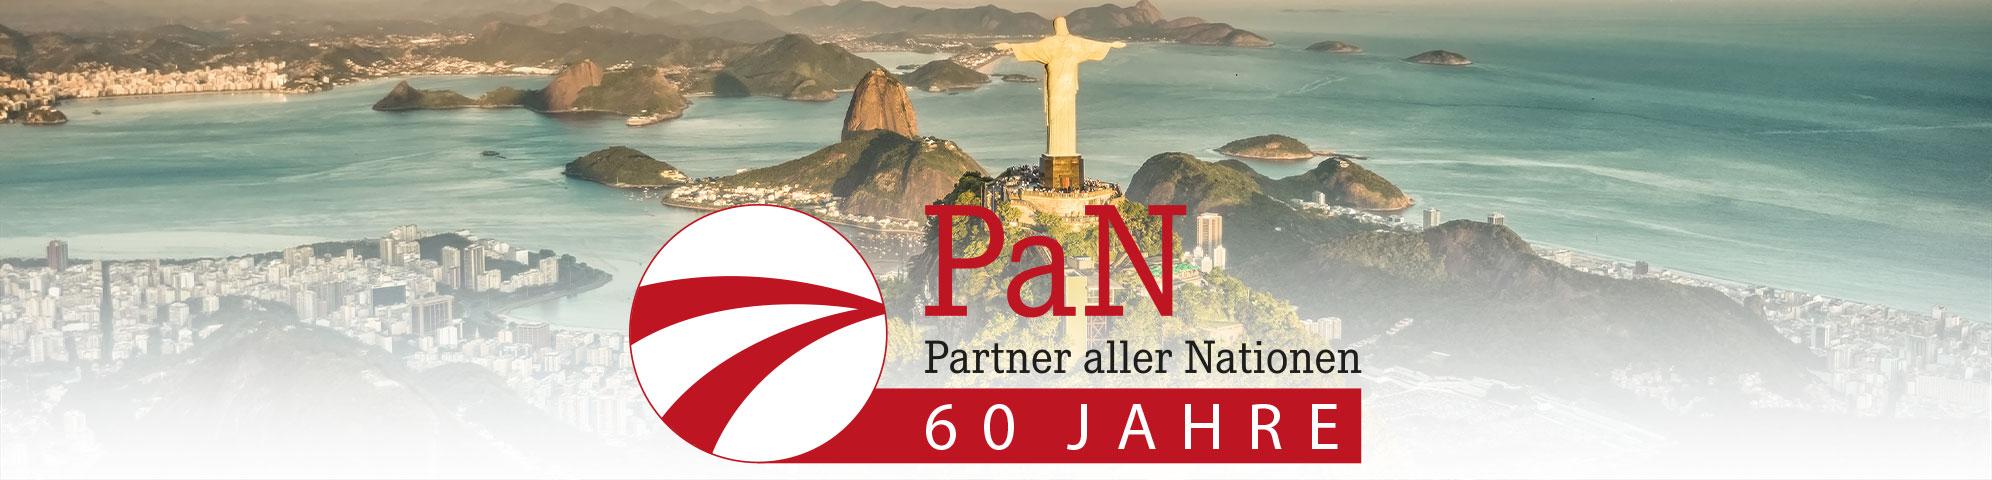 pan-footer-rio